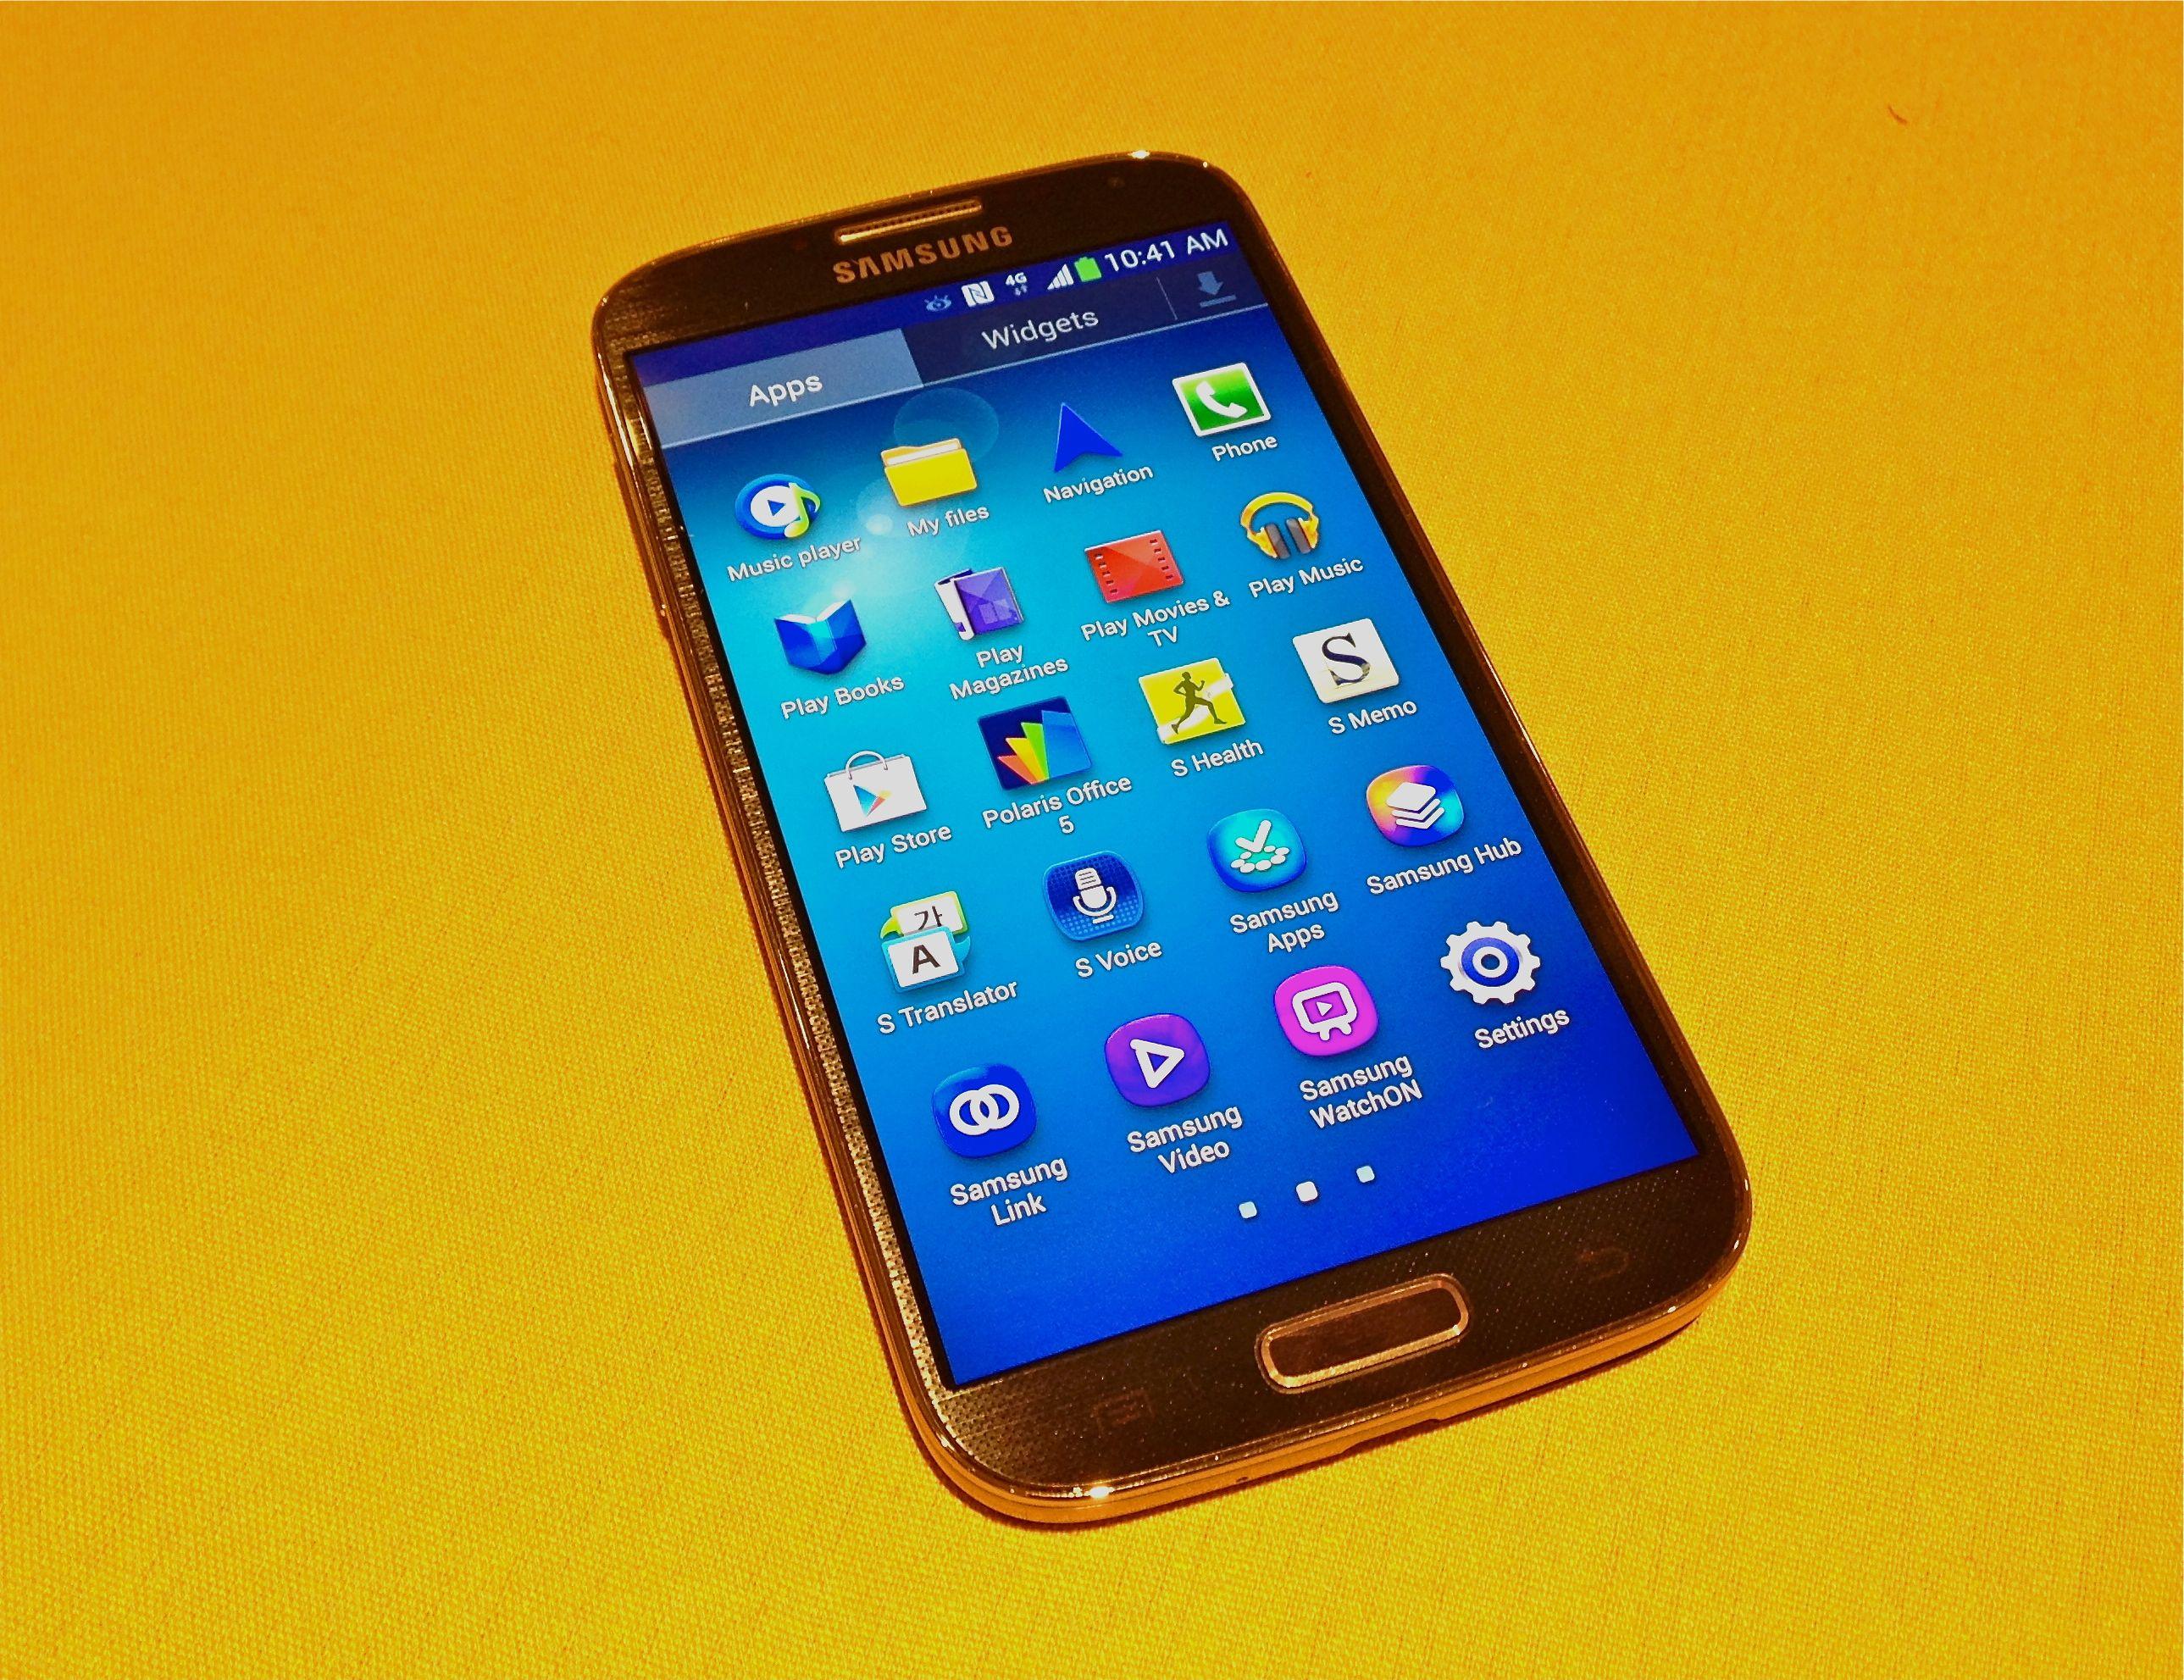 Samsung Galaxy S4 снимает видео лучше всех